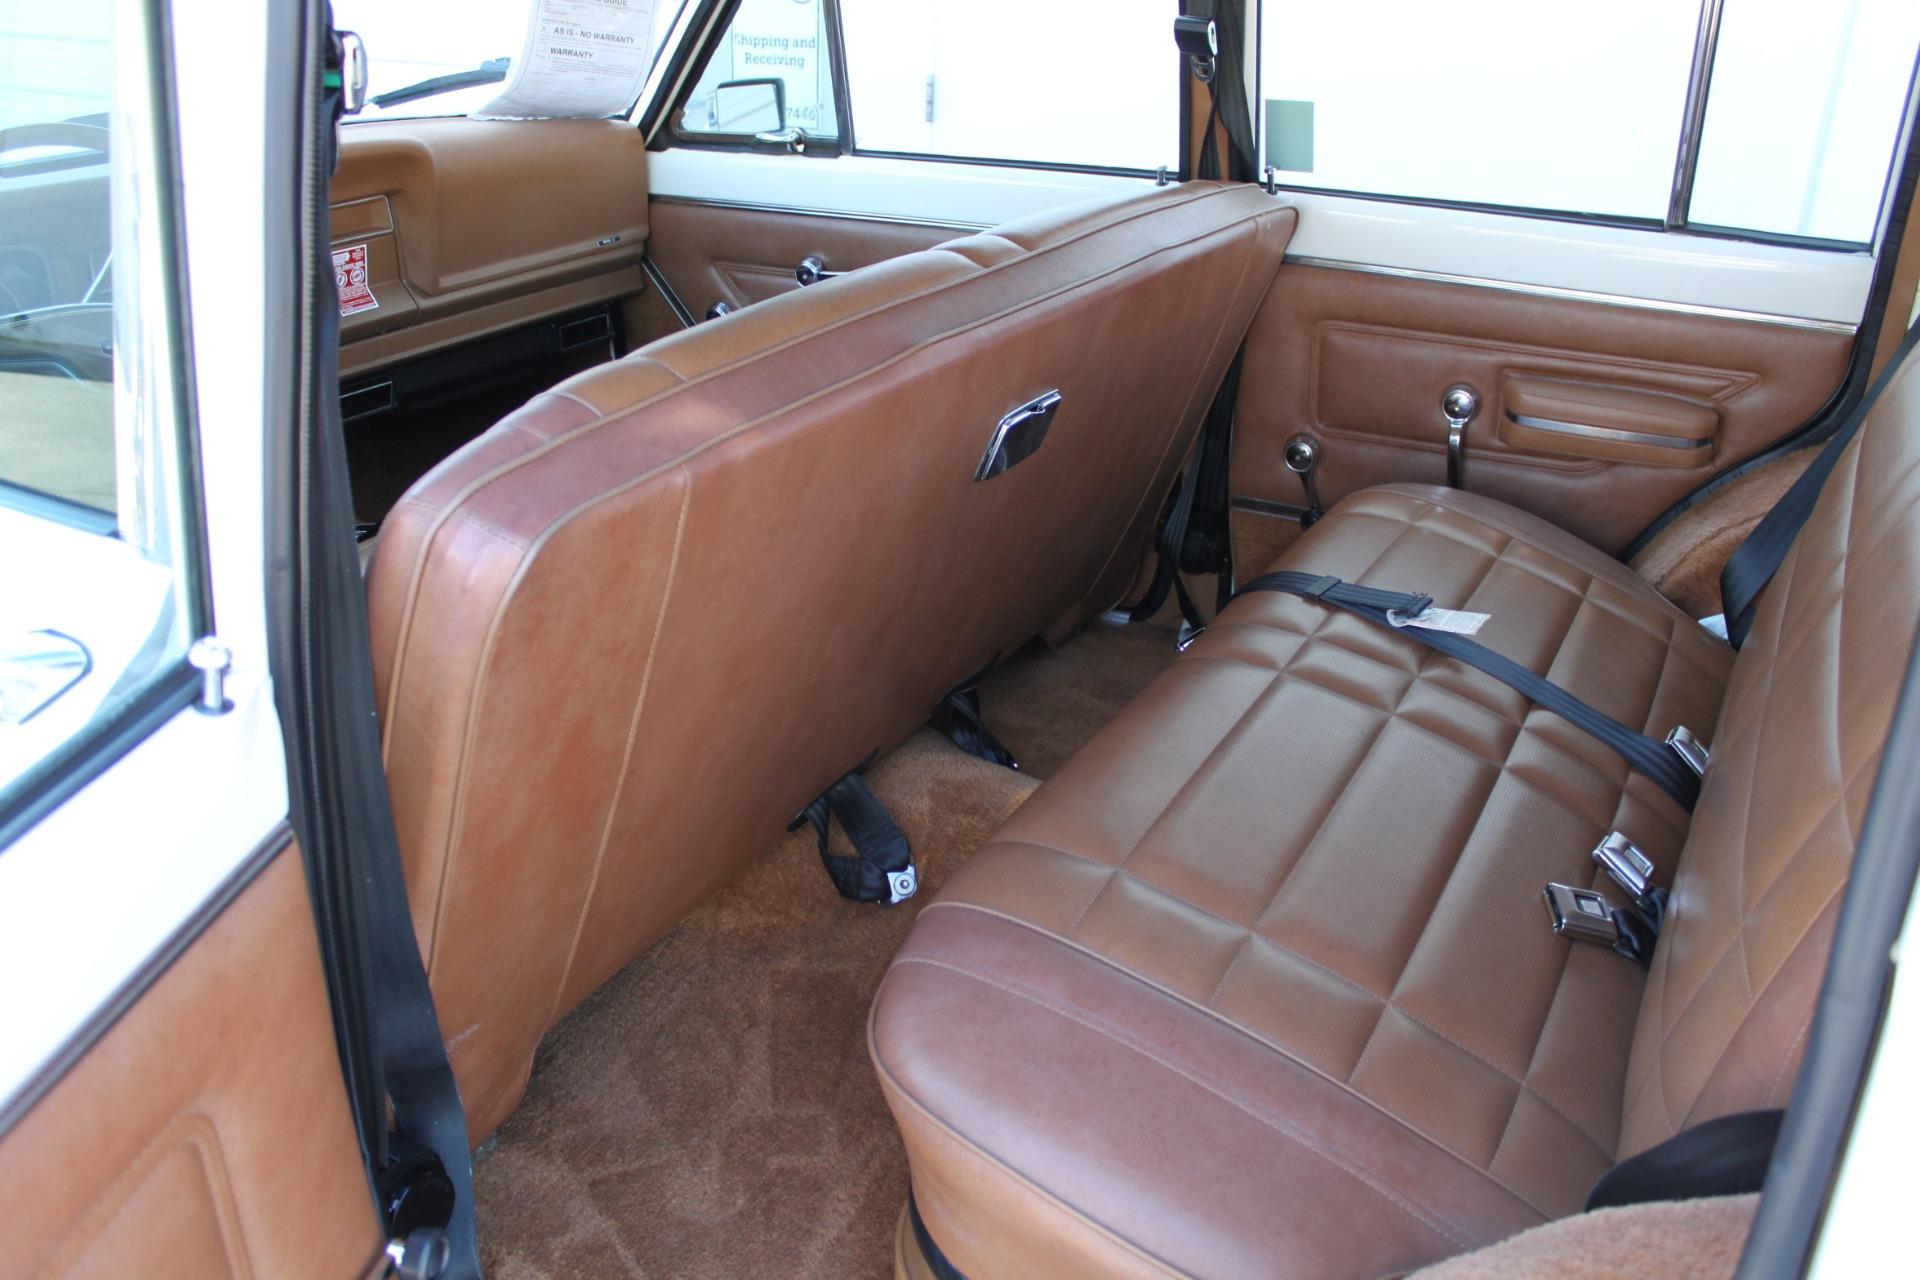 Used-1977-Jeep-Wagoneer-Custom-Fuel-Injected-66-Liter-401-Cherokee